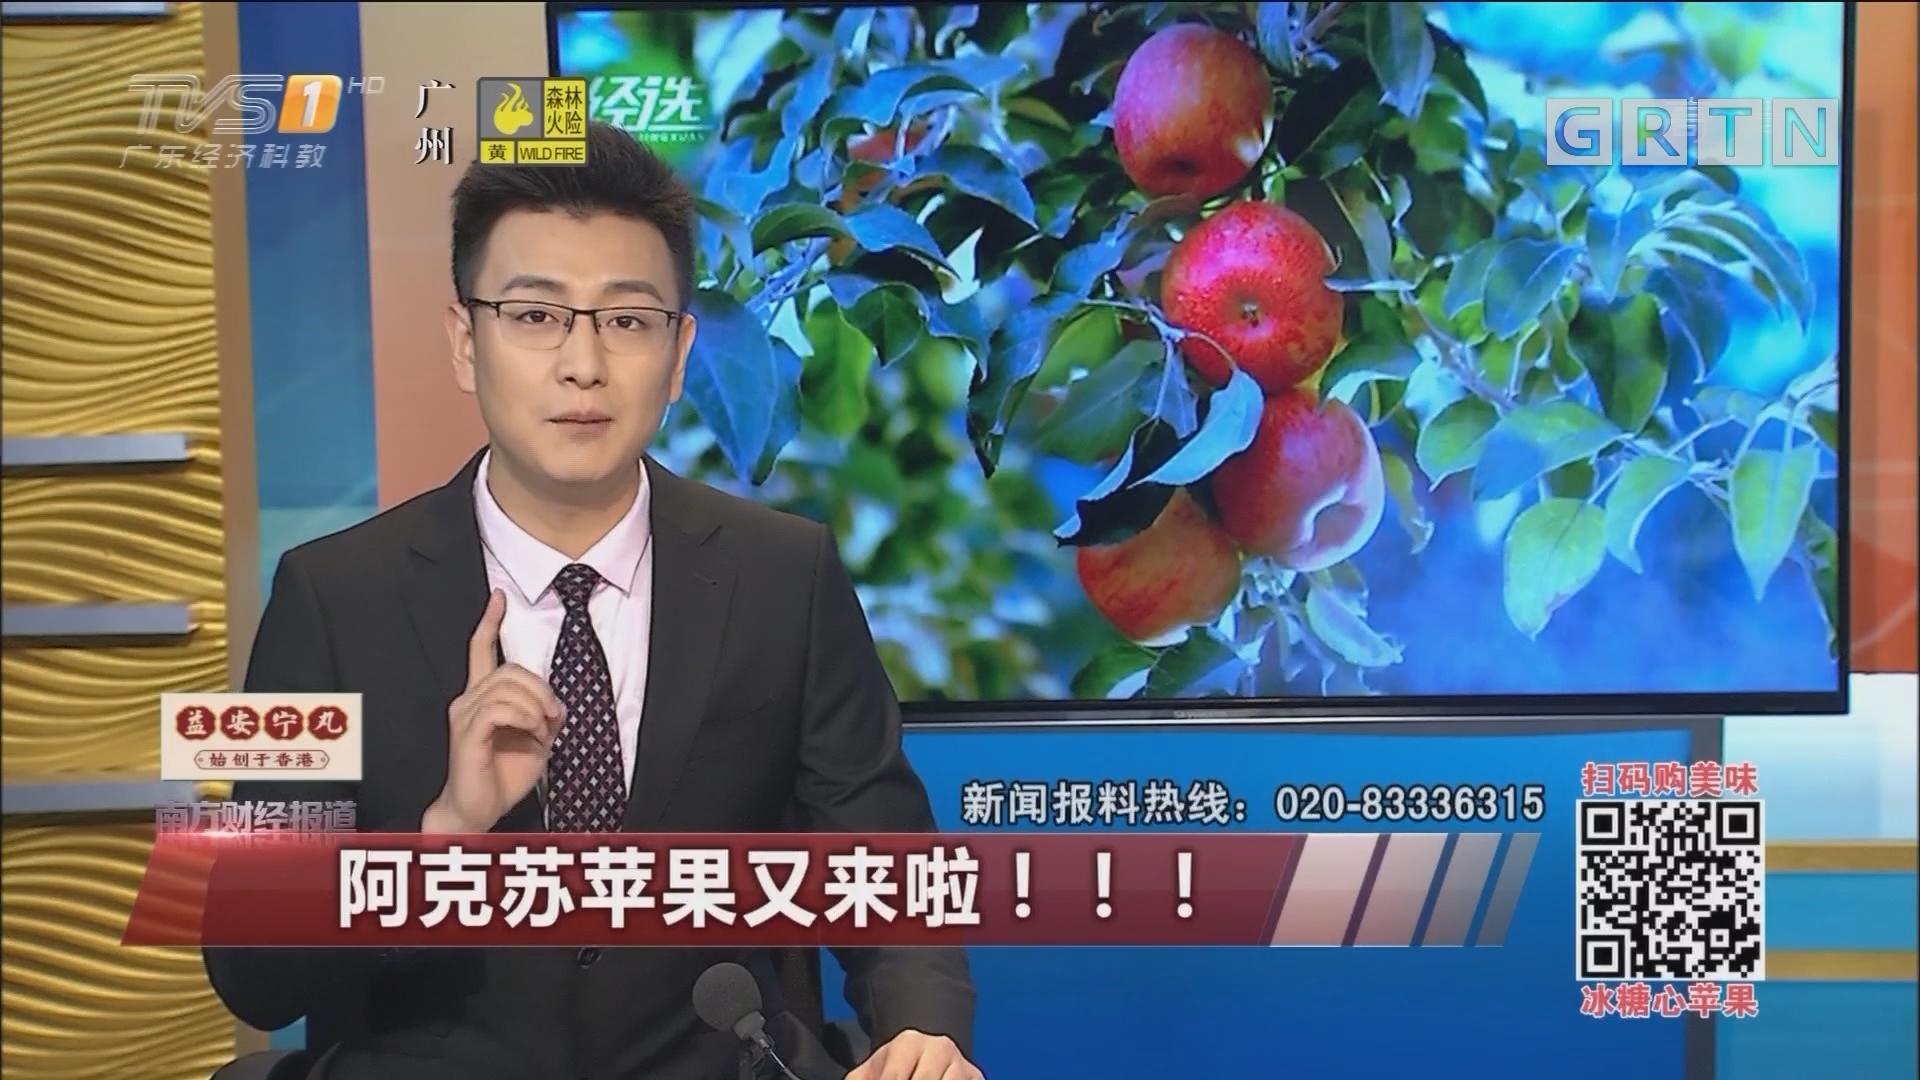 阿克苏苹果又来啦!!!